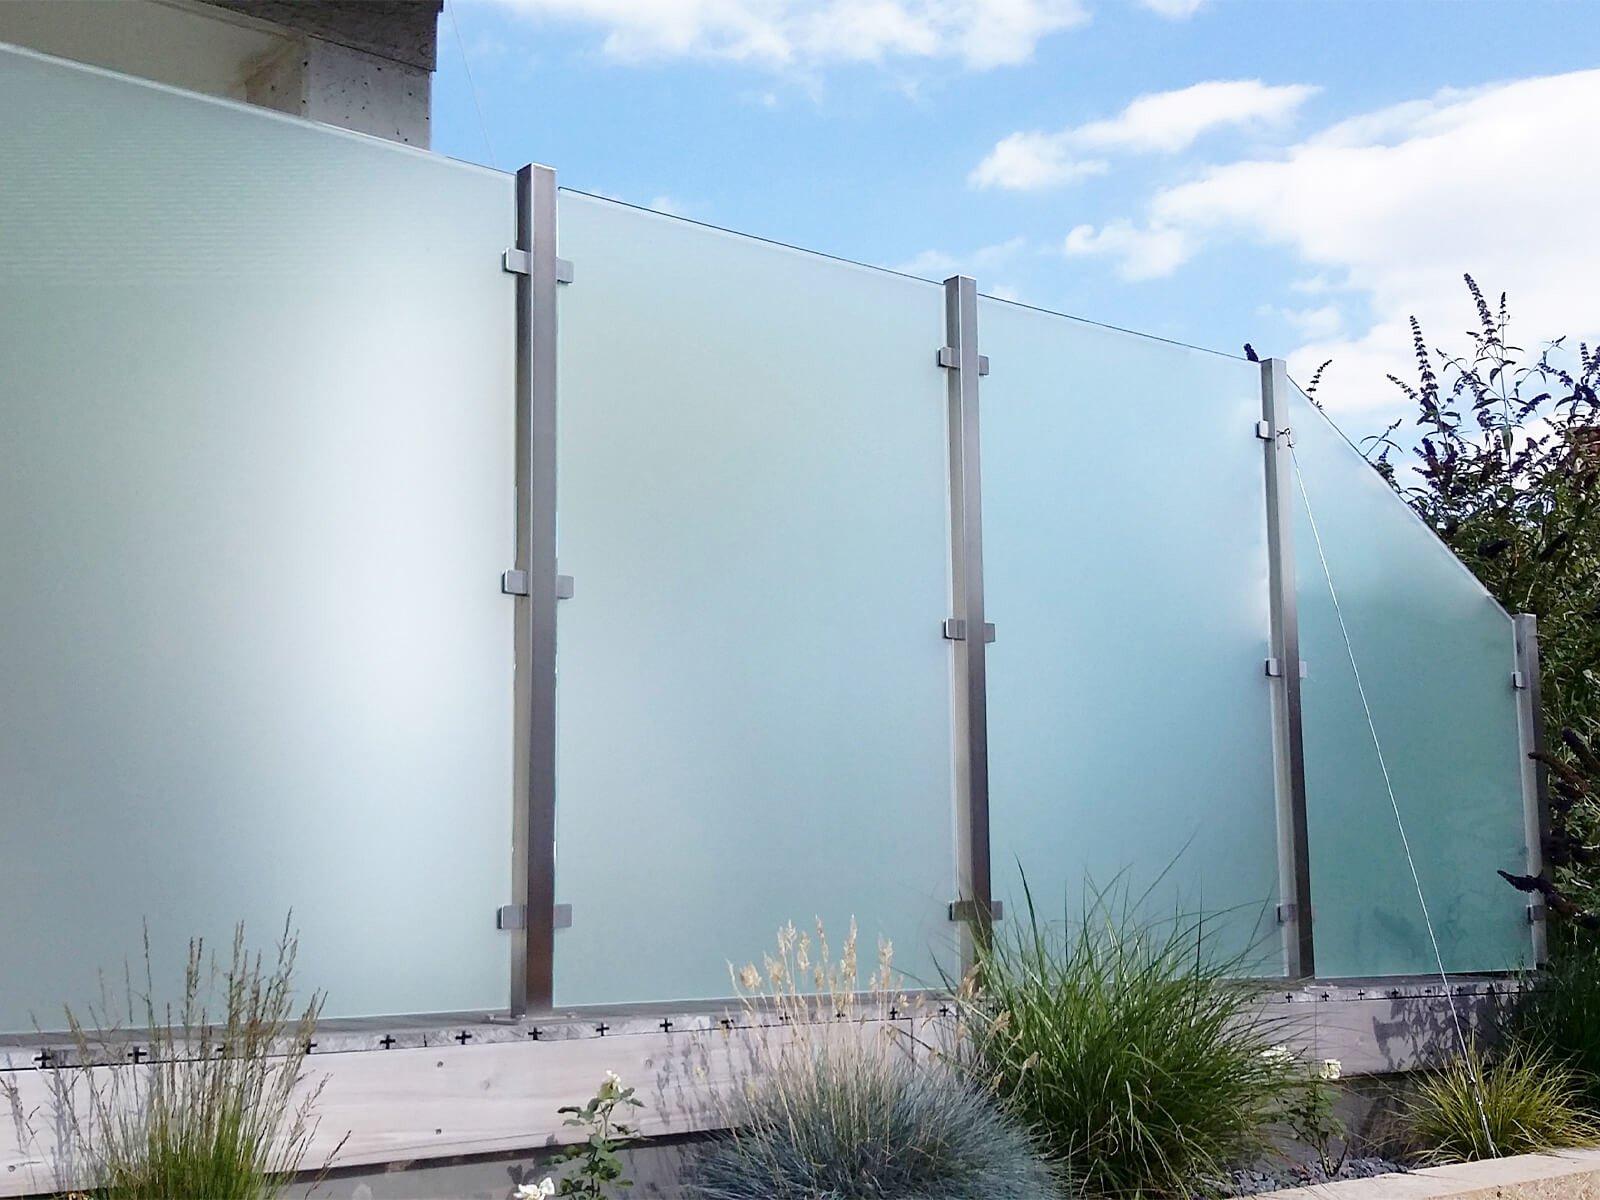 glaszaunsystem-sichtschutz-feng-individuelle-schraegschnitte-und-gestaltungsmoeglichkeiten-fuer-garten-terrasse-und-balkon